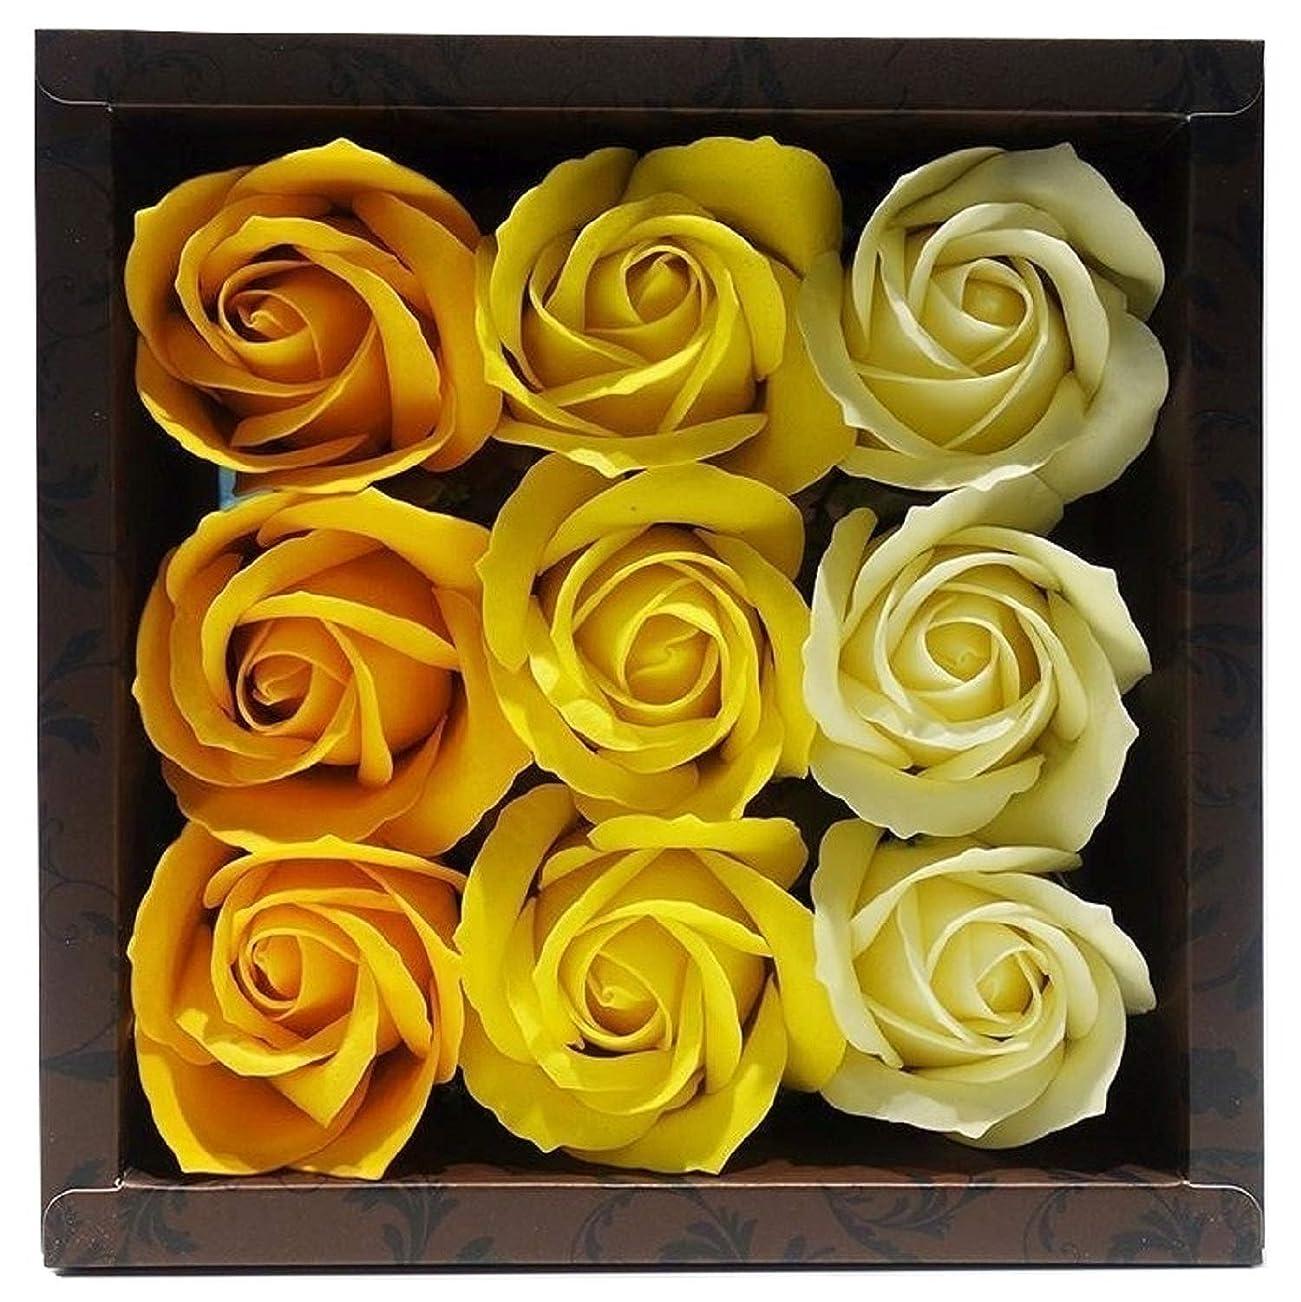 出席蛇行サバントバスフレグランス バスフラワー ローズフレグランス イエローカラー ギフト お花の形の入浴剤